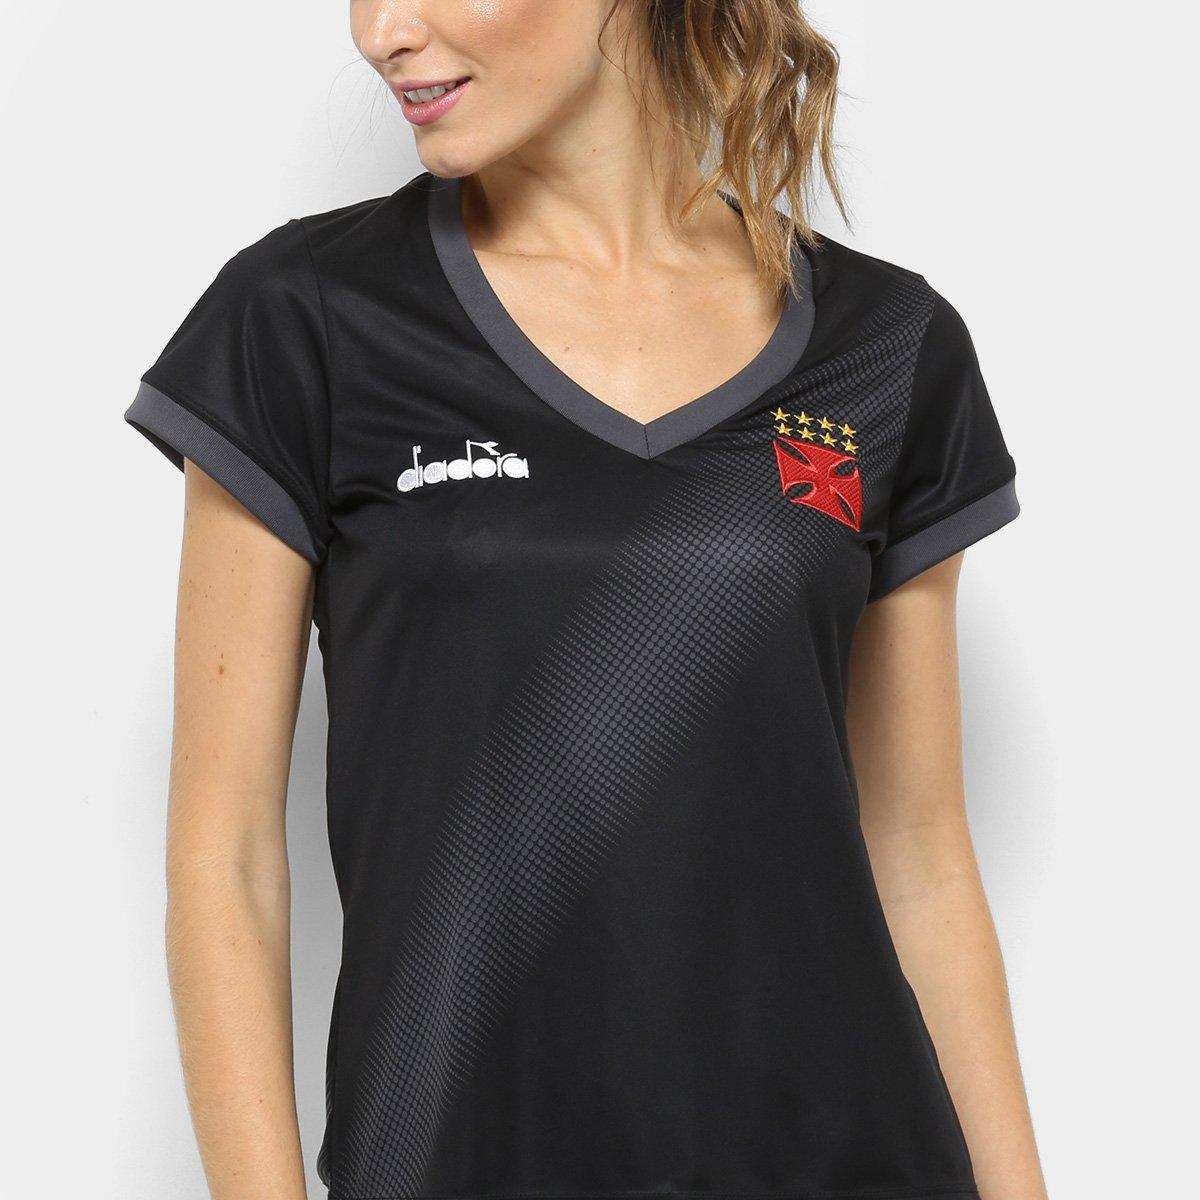 3f3977fdb1 Camisa Vasco Aquecimento 2018 Diadora Feminina - Compre Agora